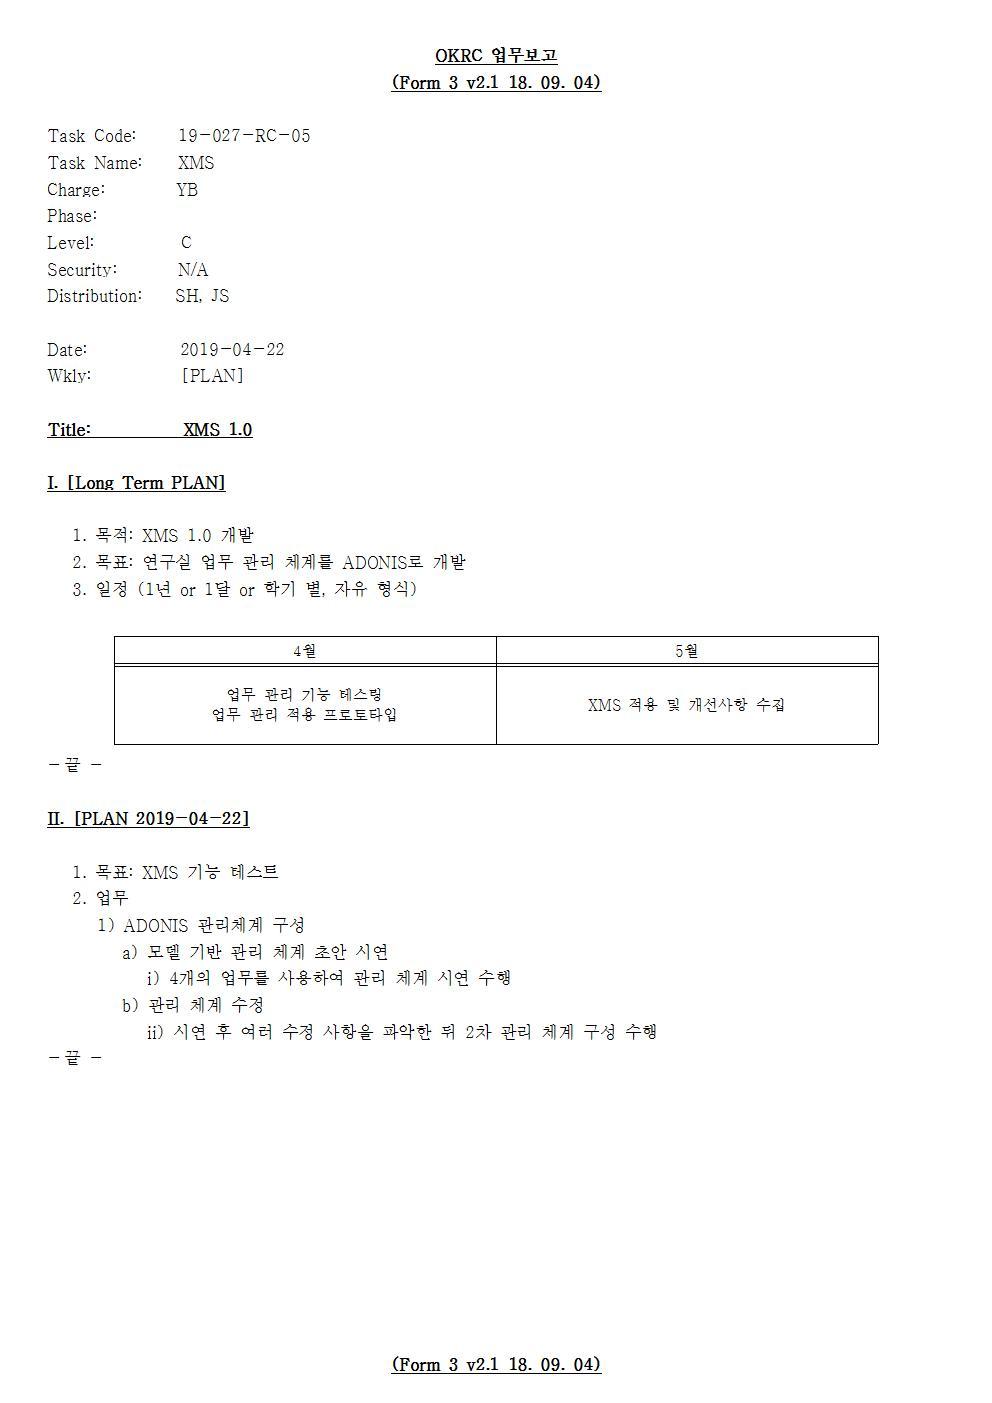 D-[19-027-RC-05]-[XMS]-[2019-04-22][YB]001.jpg